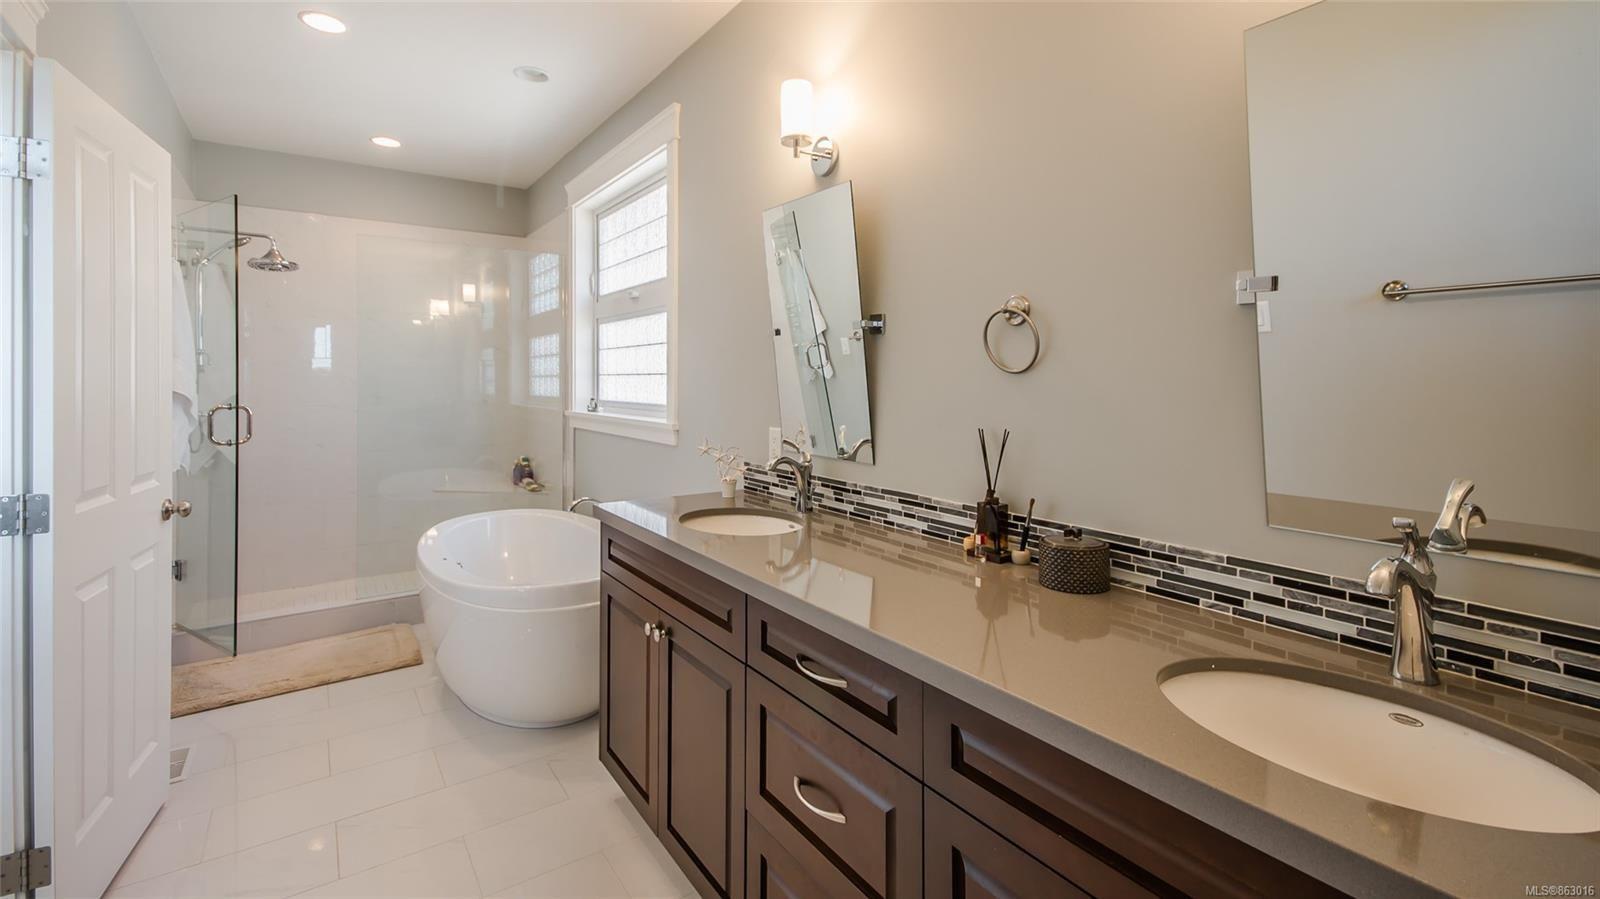 Photo 19: Photos: 5361 Laguna Way in : Na North Nanaimo House for sale (Nanaimo)  : MLS®# 863016